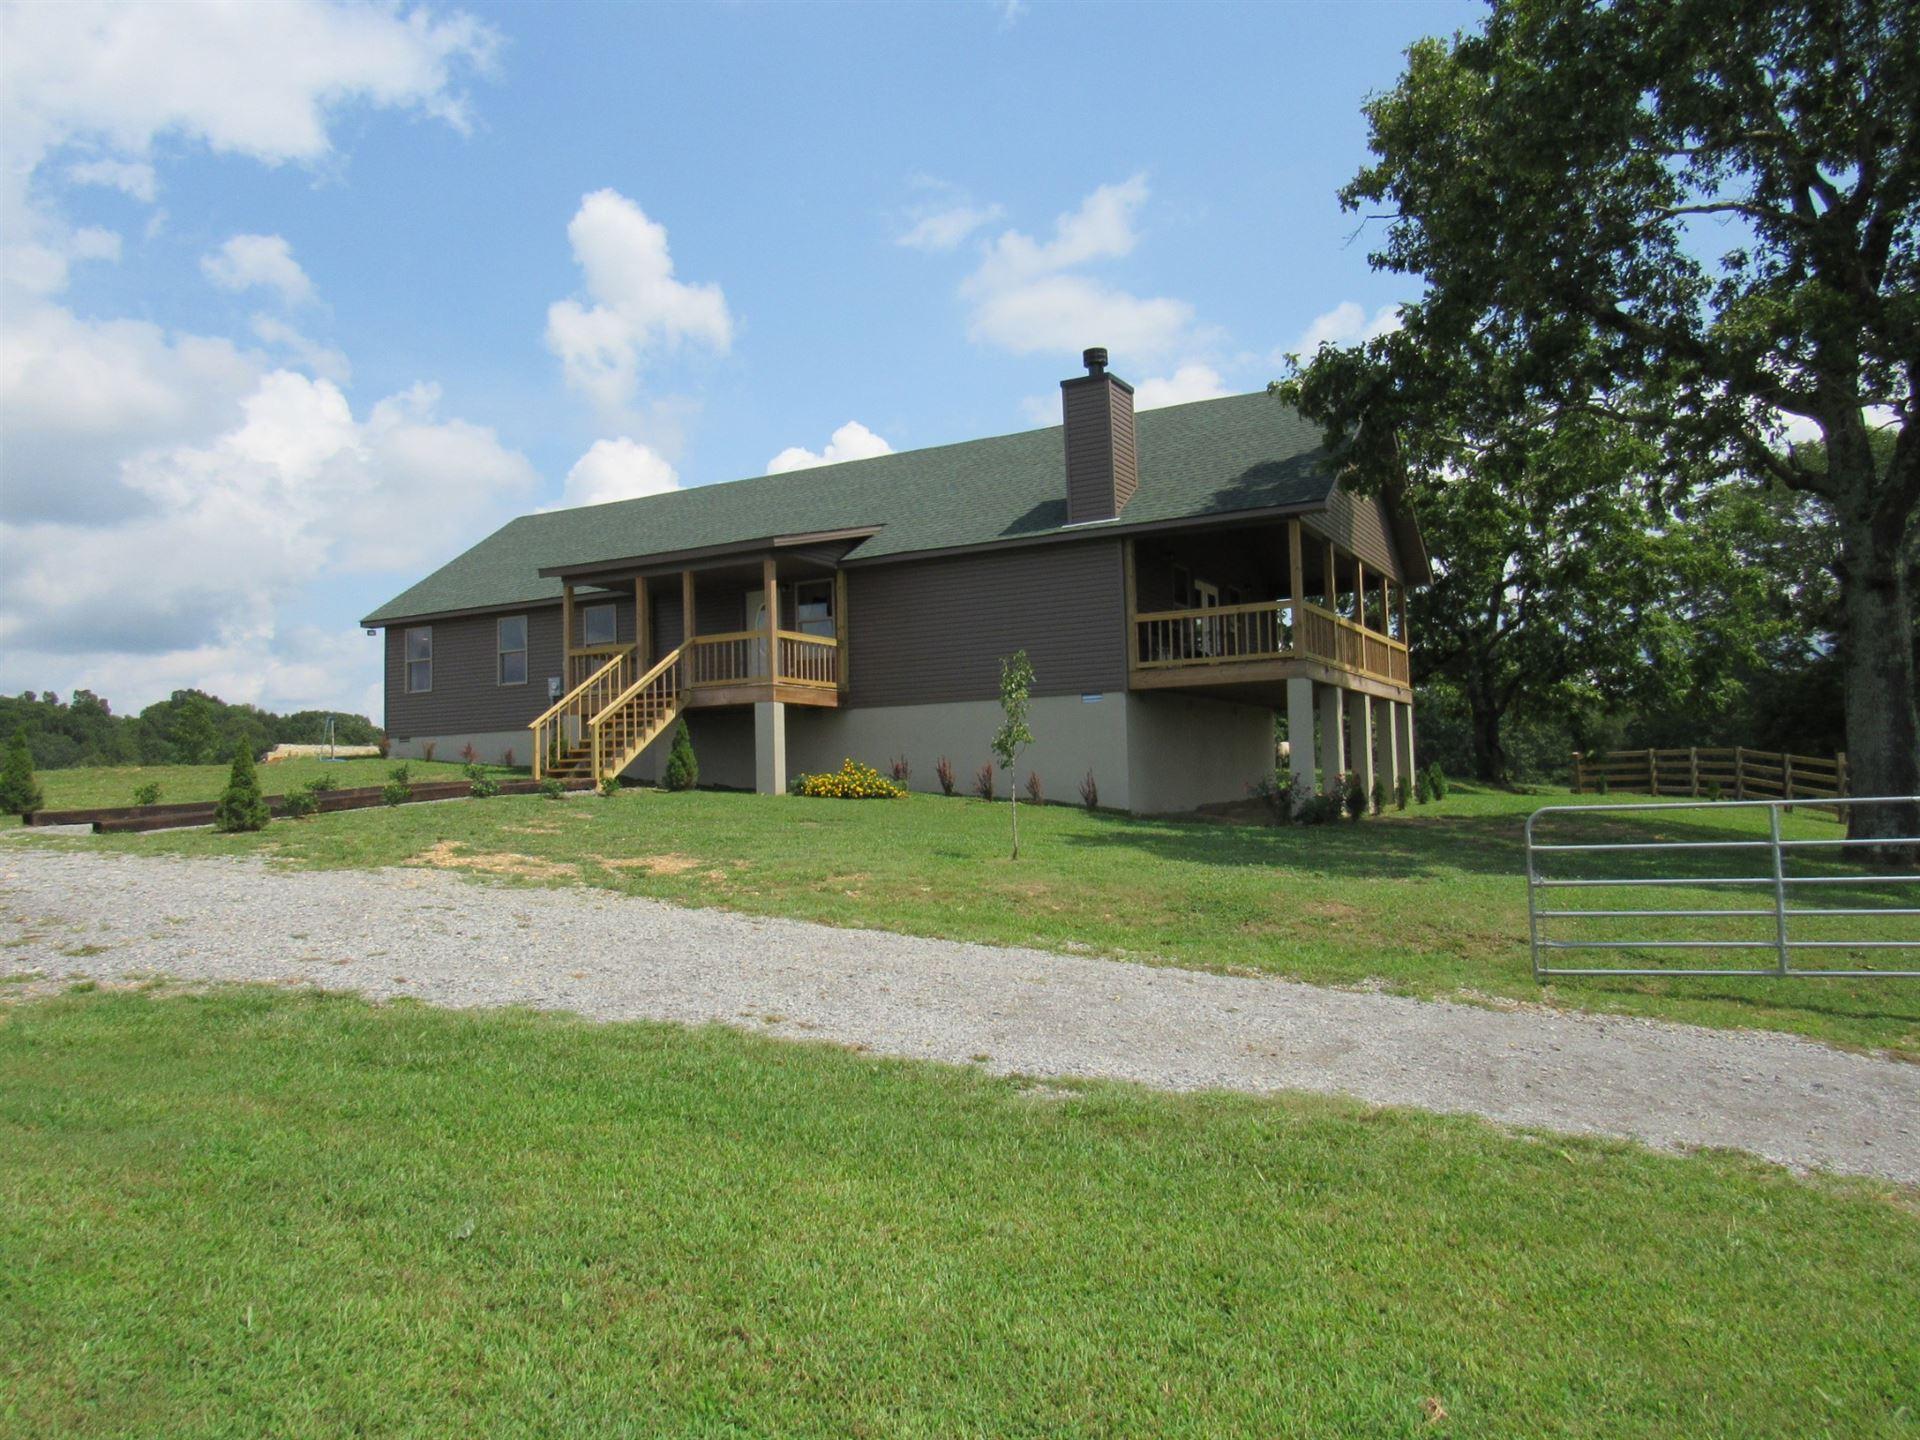 2300 Little Blue Creek Rd, MC EWEN, TN 37101 - MLS#: 2185332